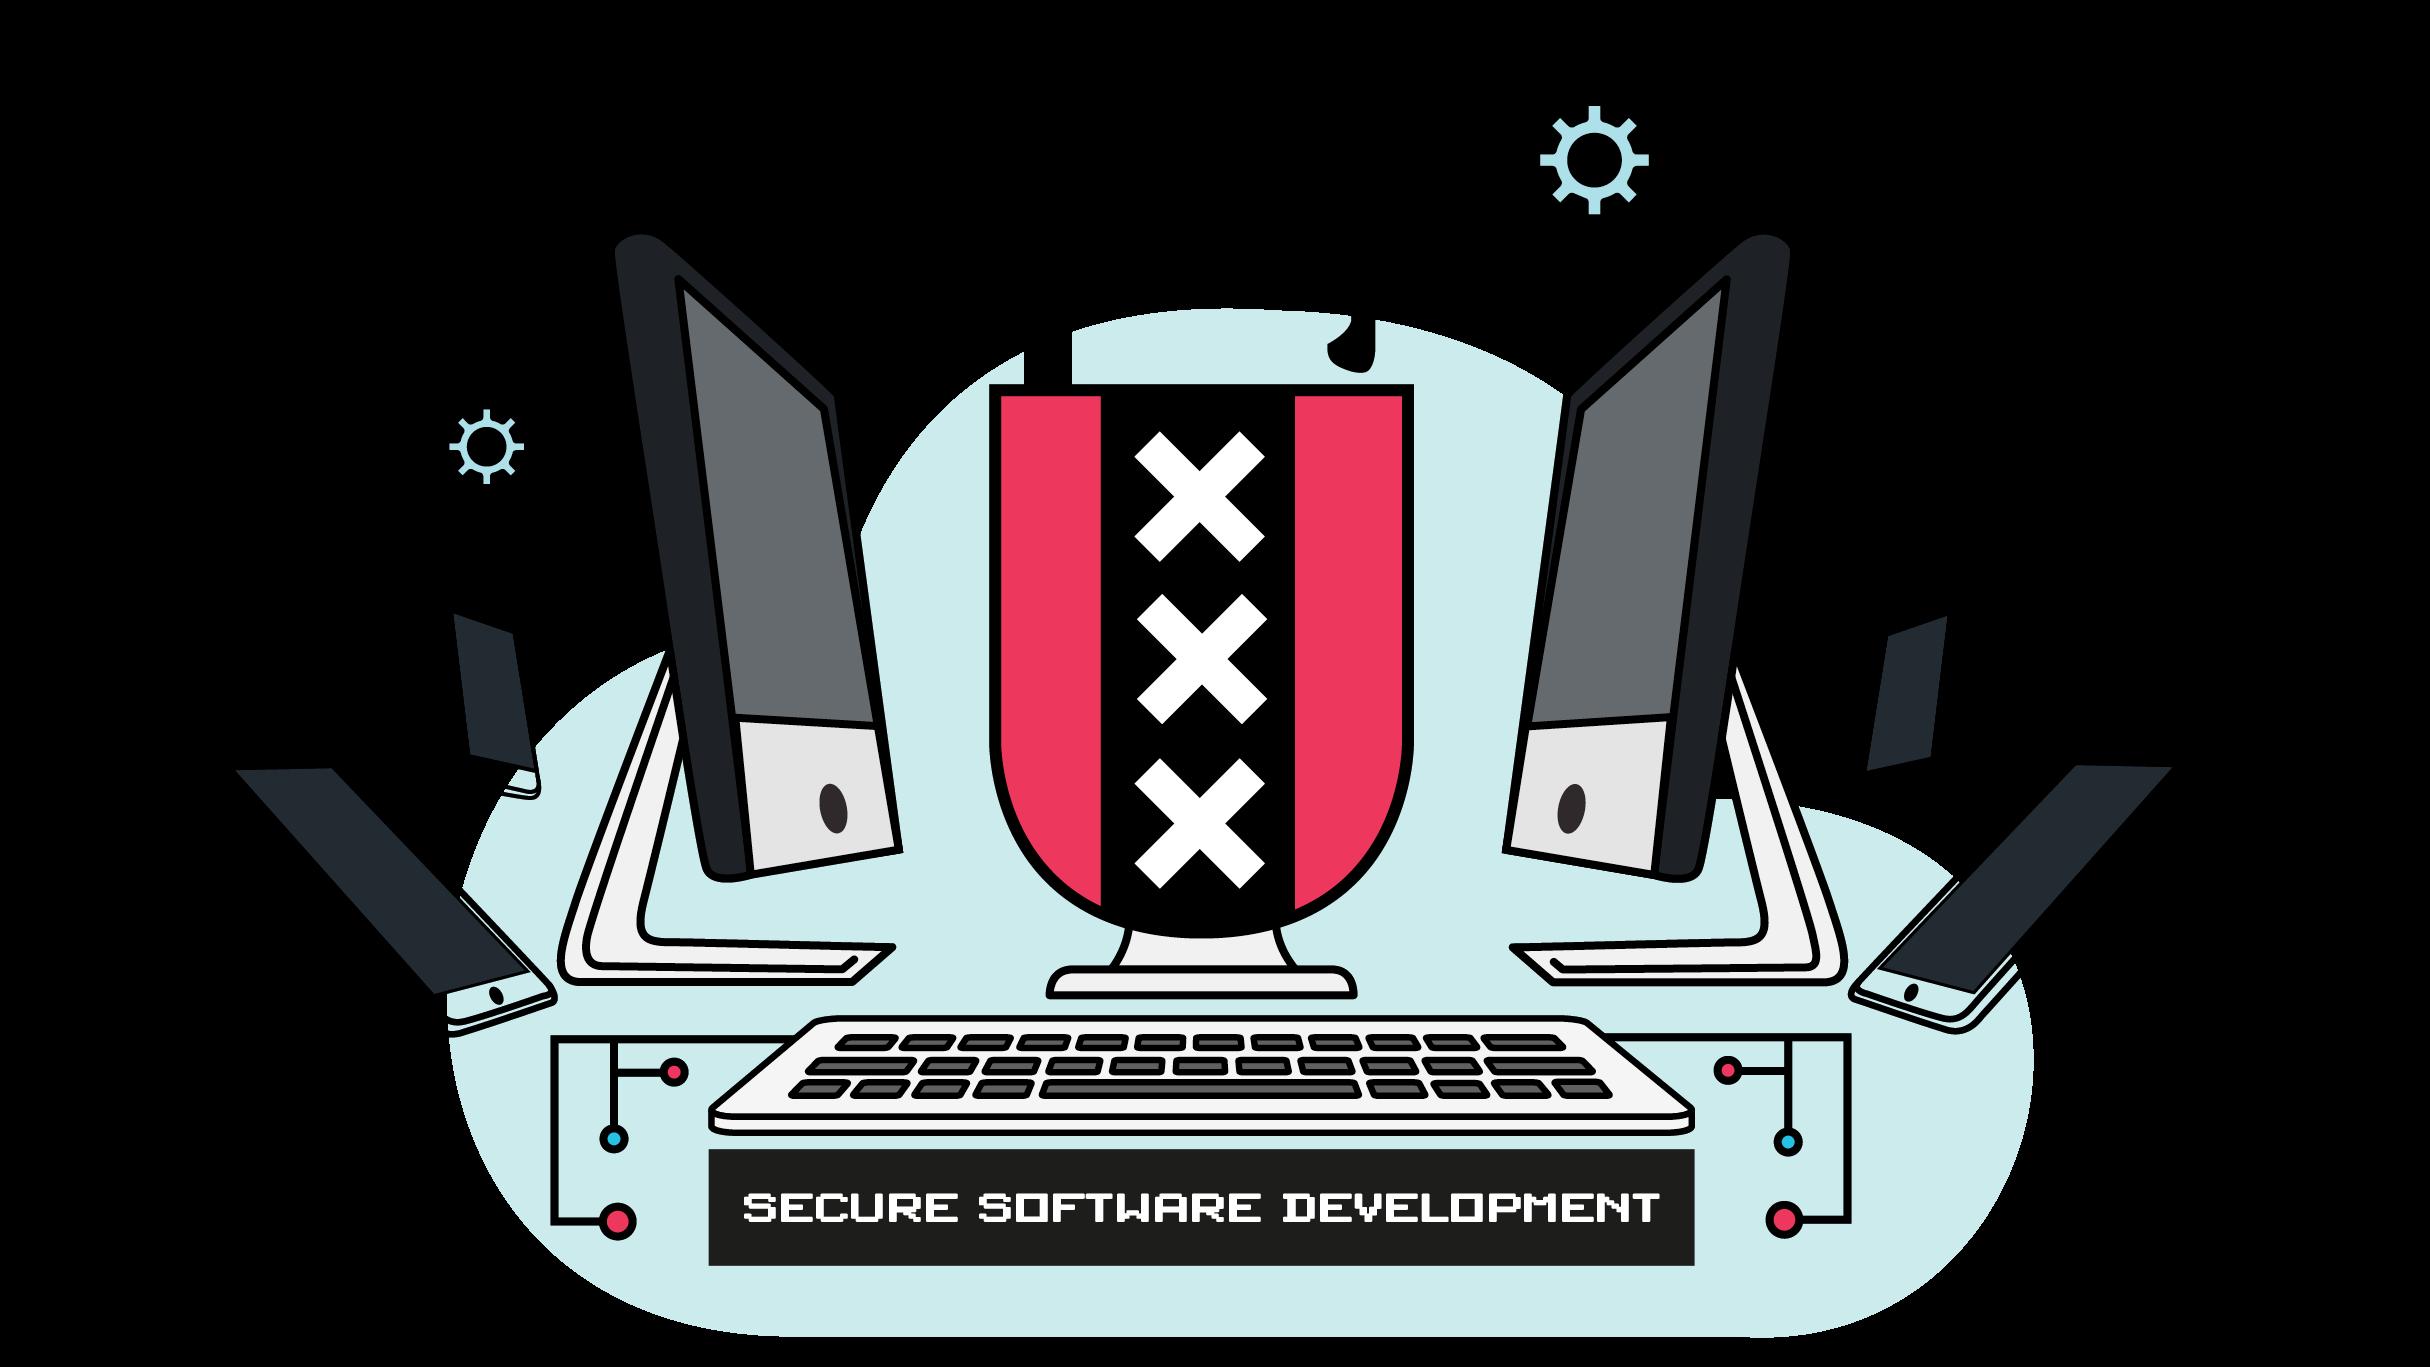 Amsterdam Secure Software Development Meetup